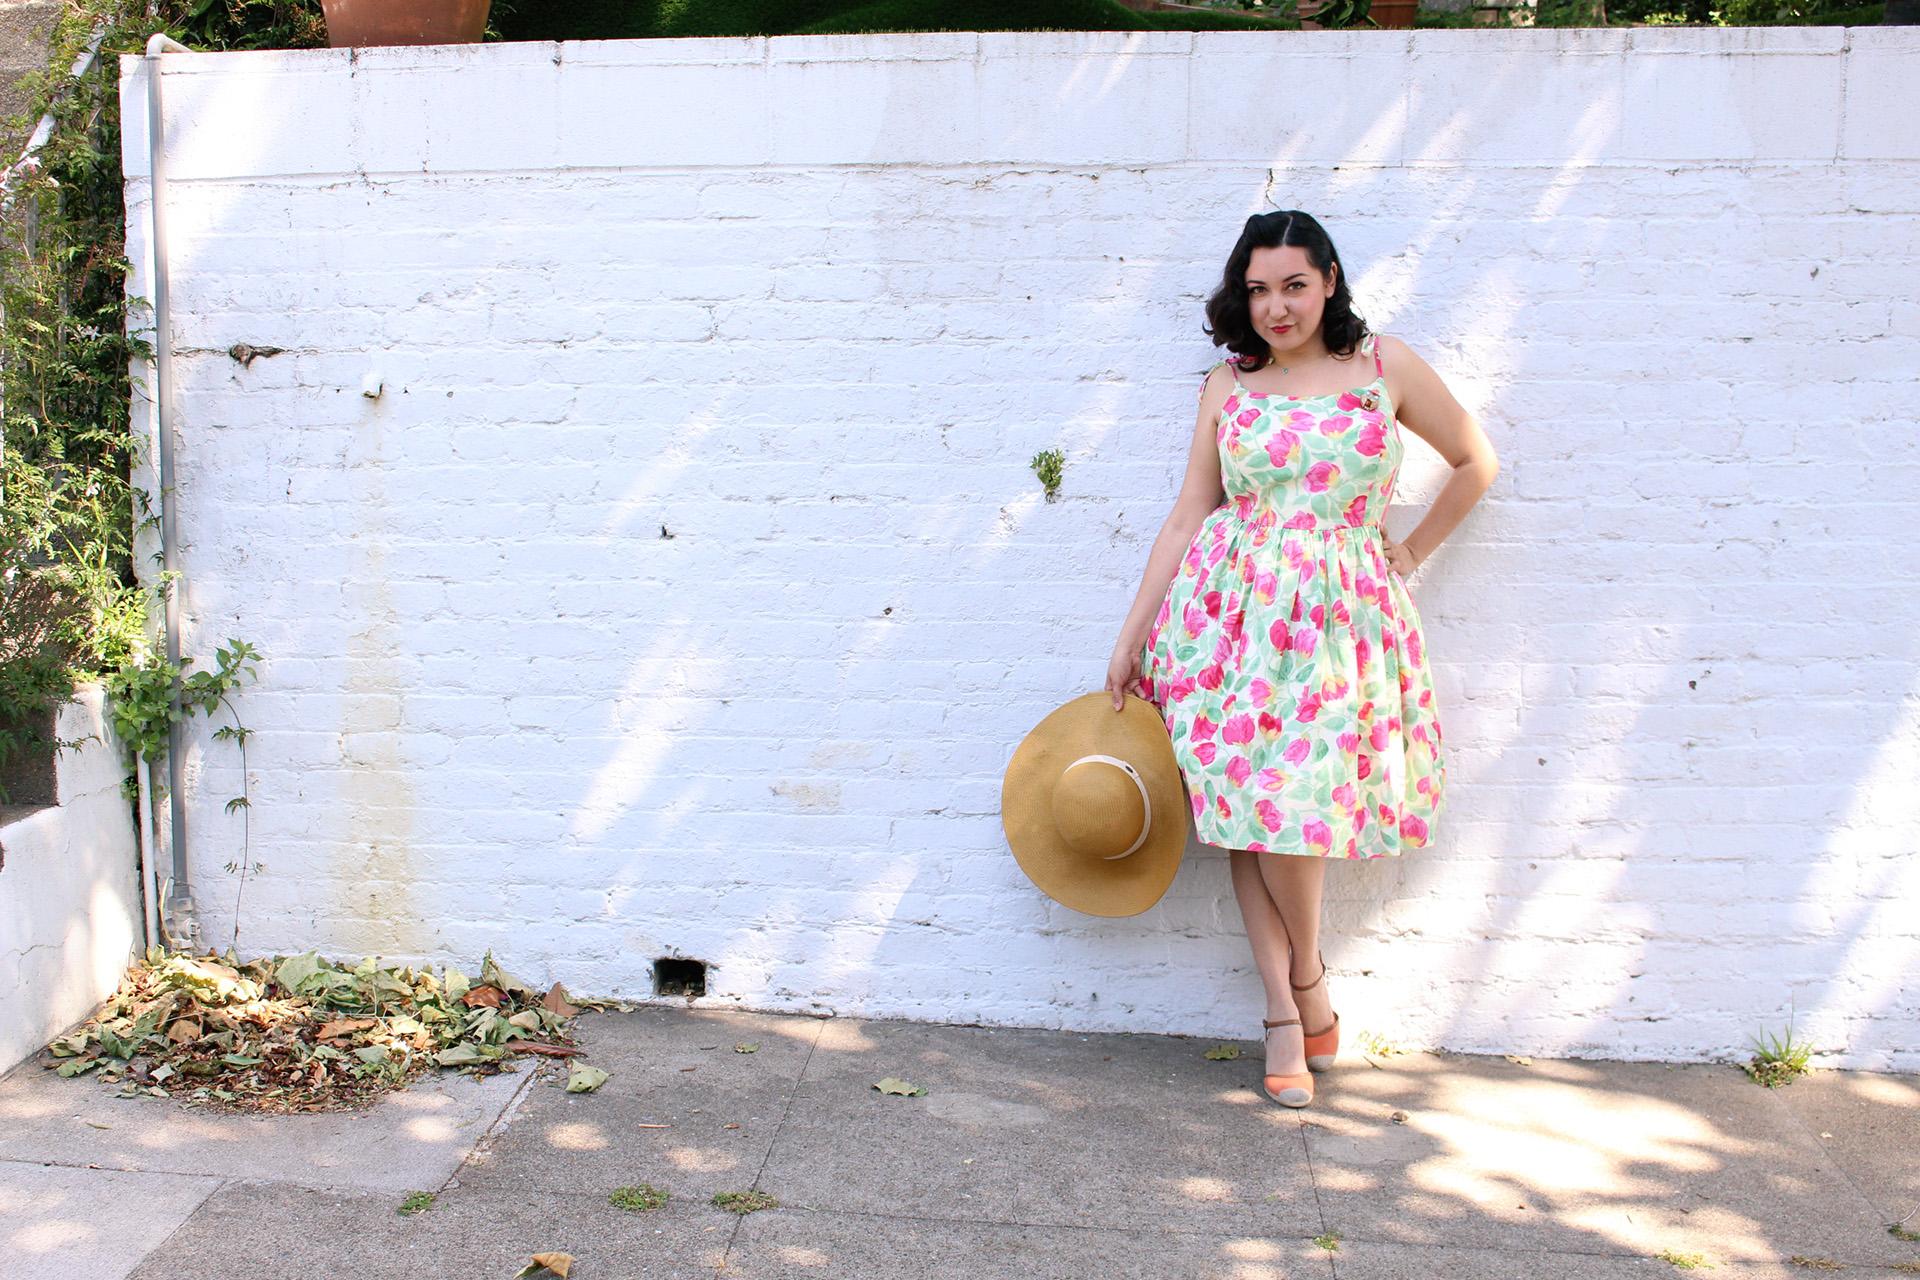 Patterns by Gertie, Butterick 6453, Jenny Dress sew along | Vintage on Tap